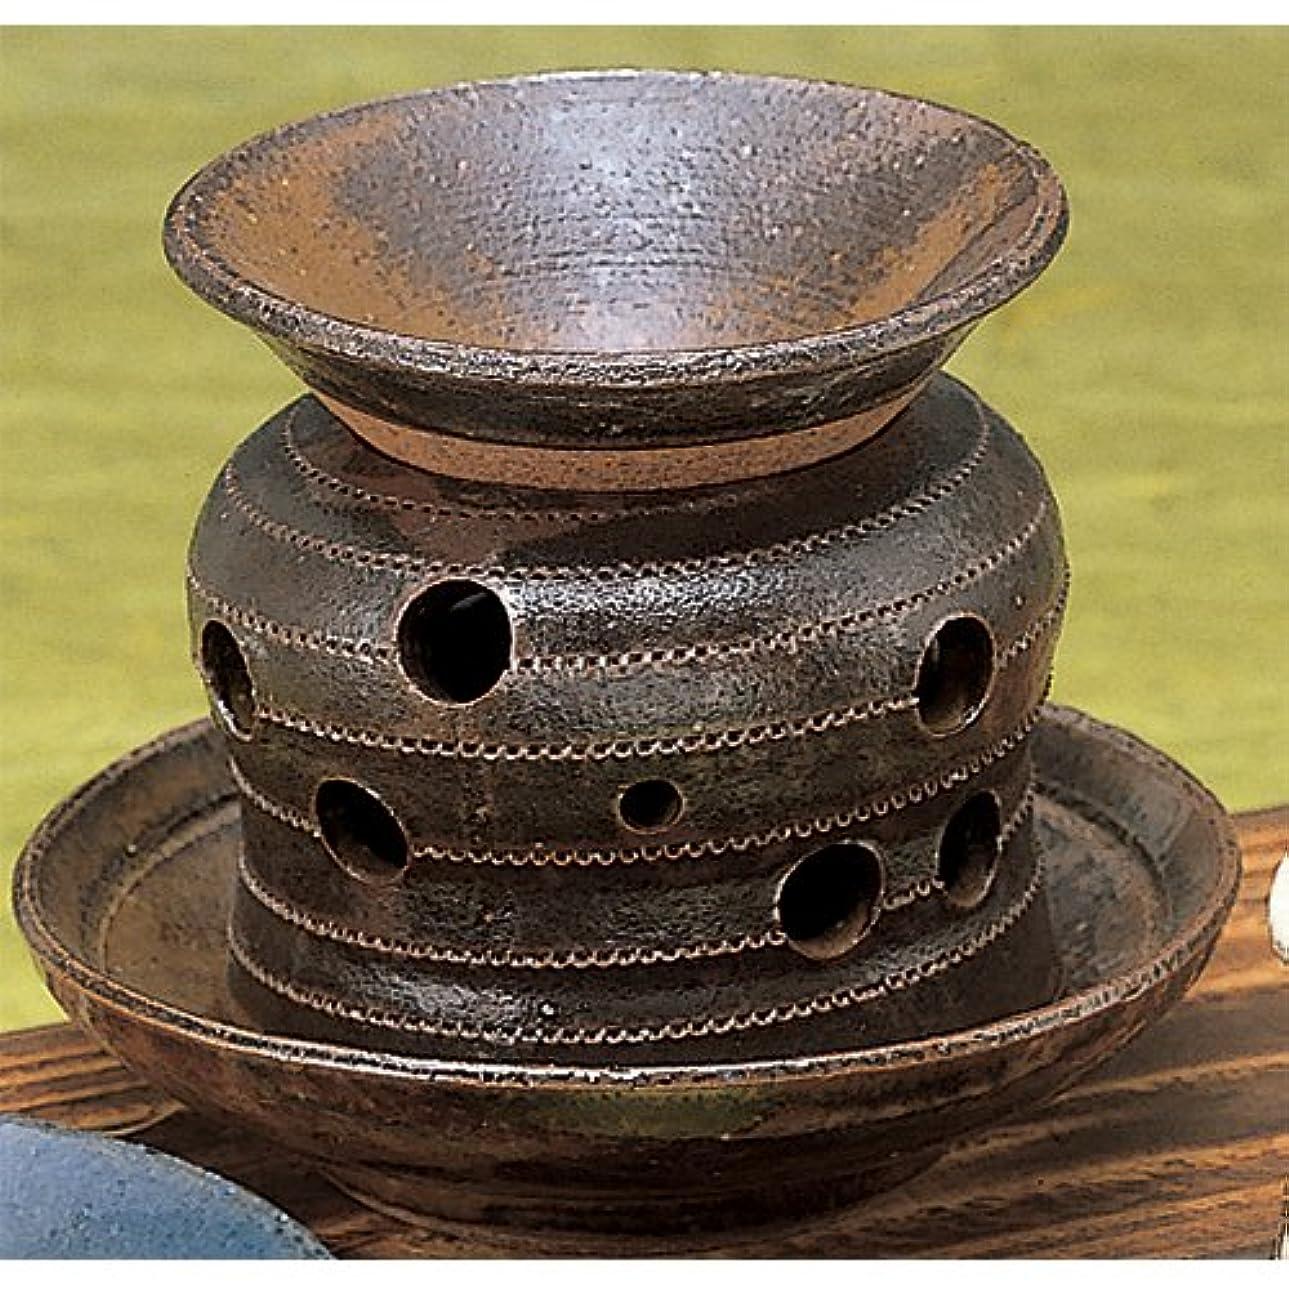 支給アプローチ落胆する香炉 灰流し 茶香炉 [R13xH10.5cm] プレゼント ギフト 和食器 かわいい インテリア